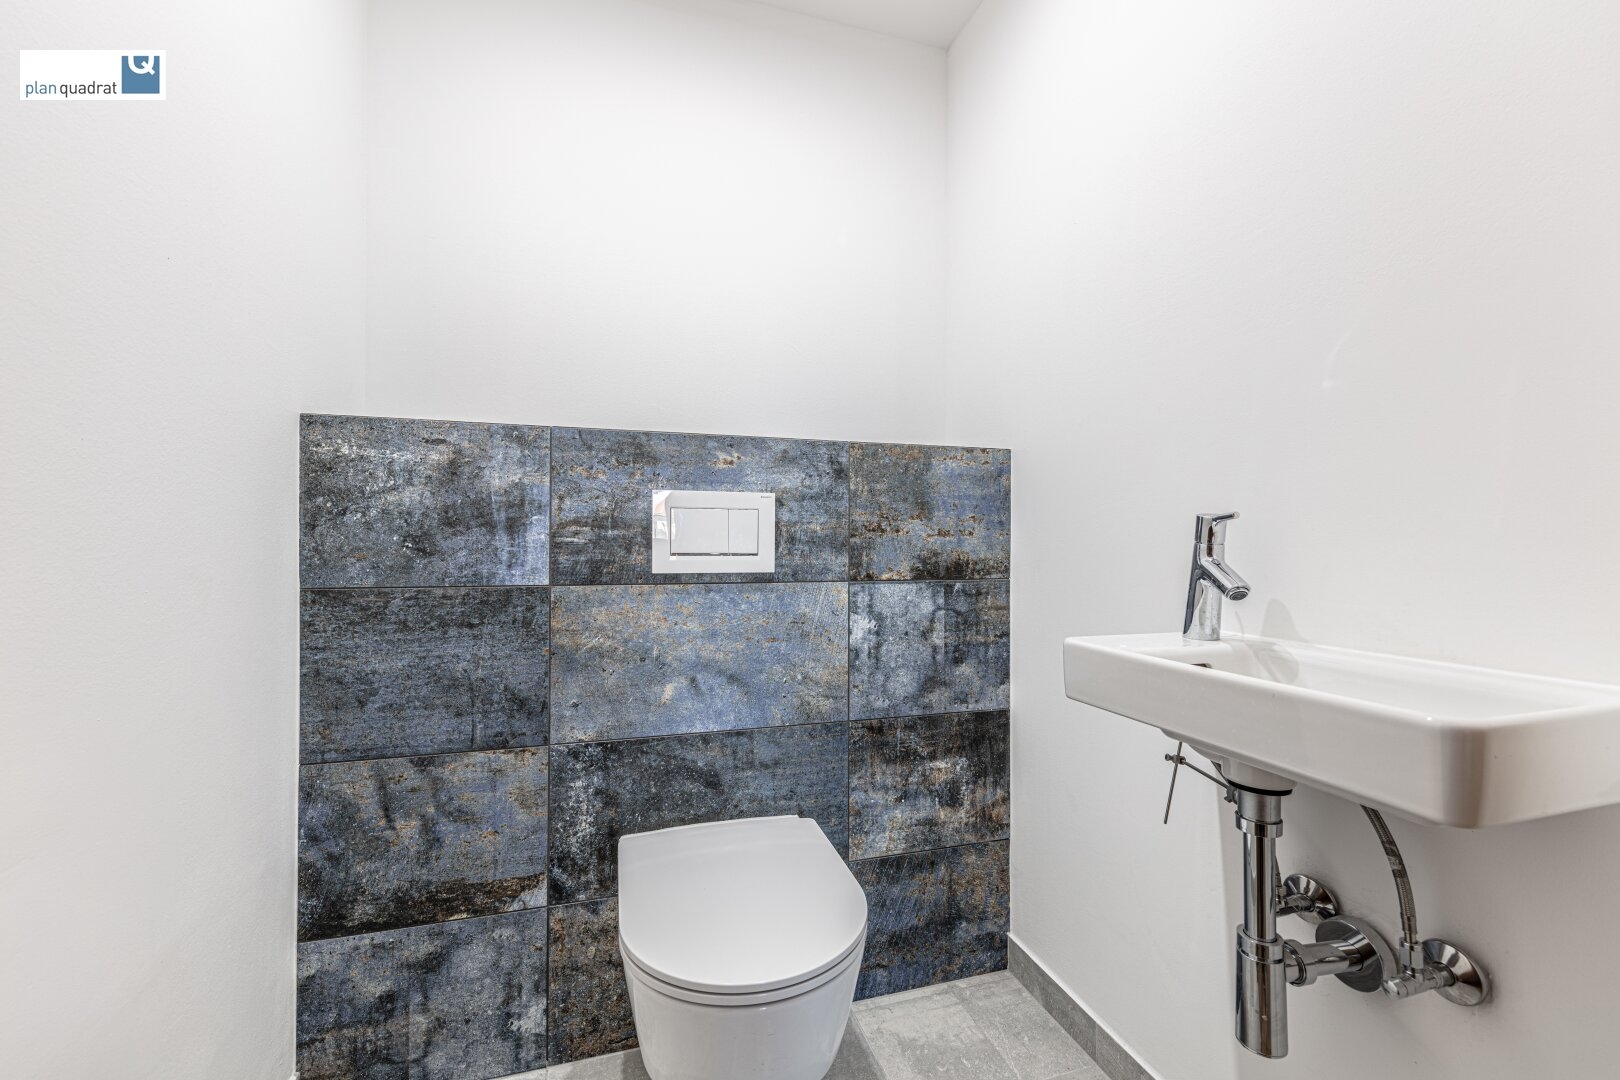 Toilette (mit Handwaschbecken)